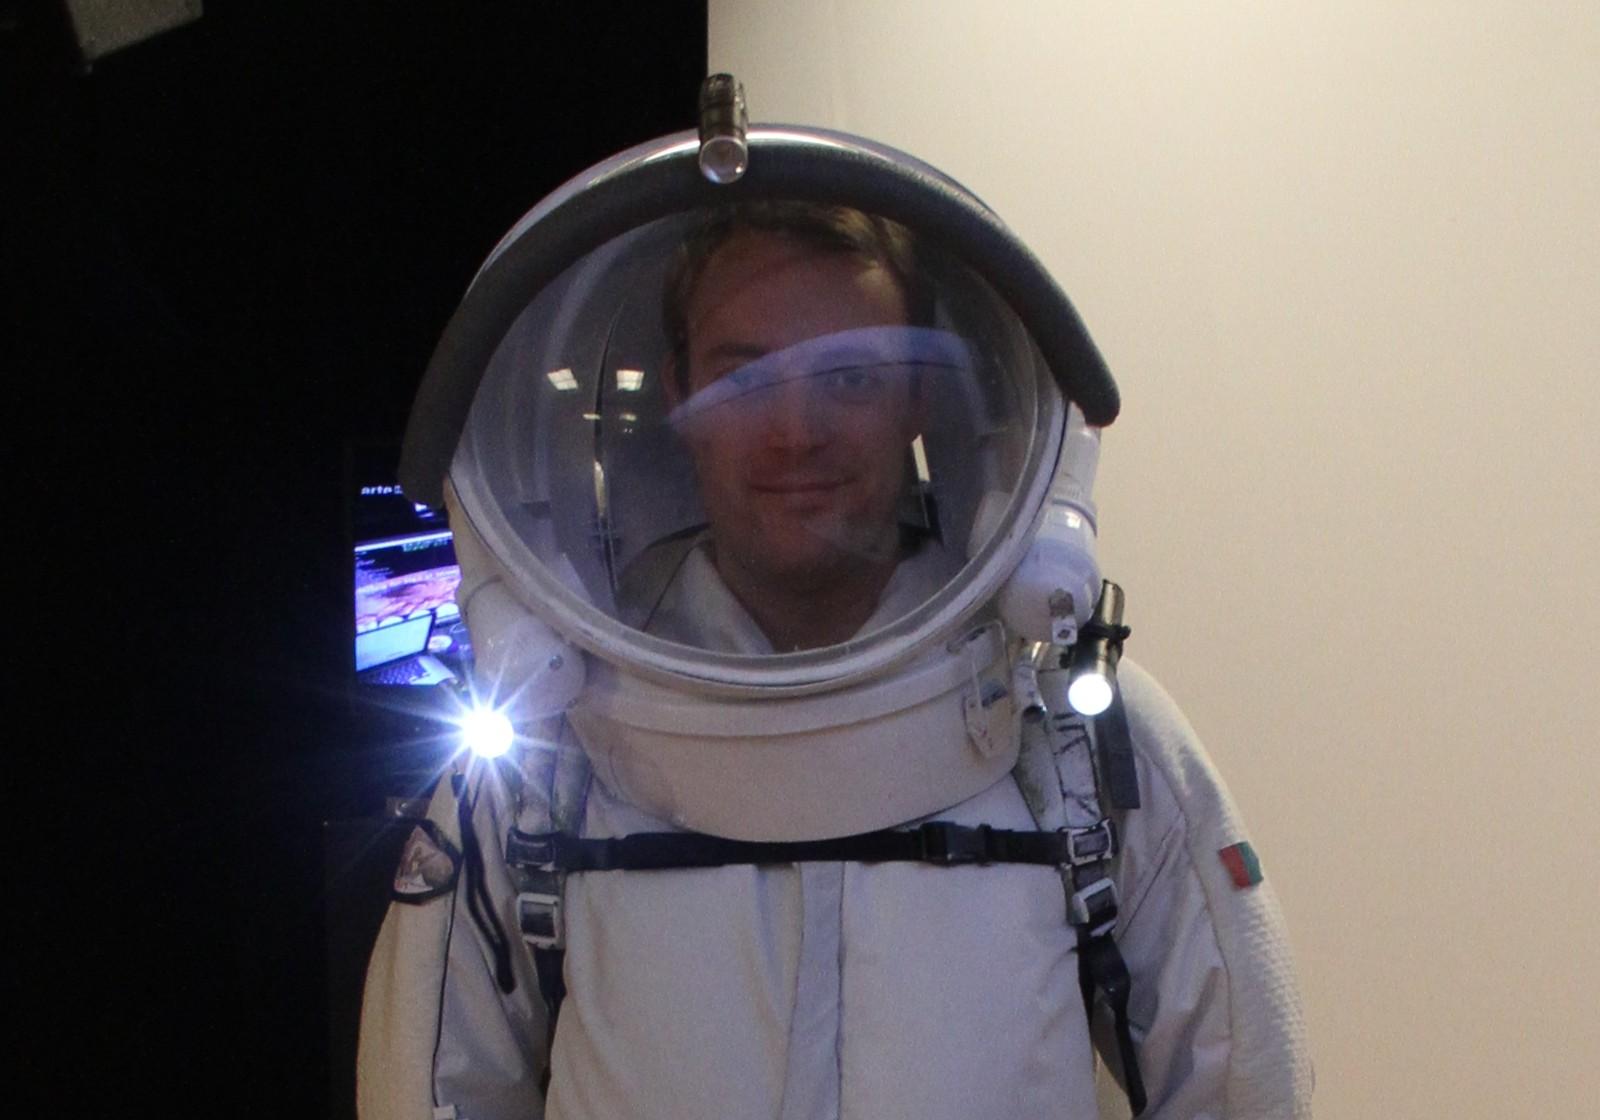 15 10 21 - 14h 59m 01s - Chroniques martiennes Guidel